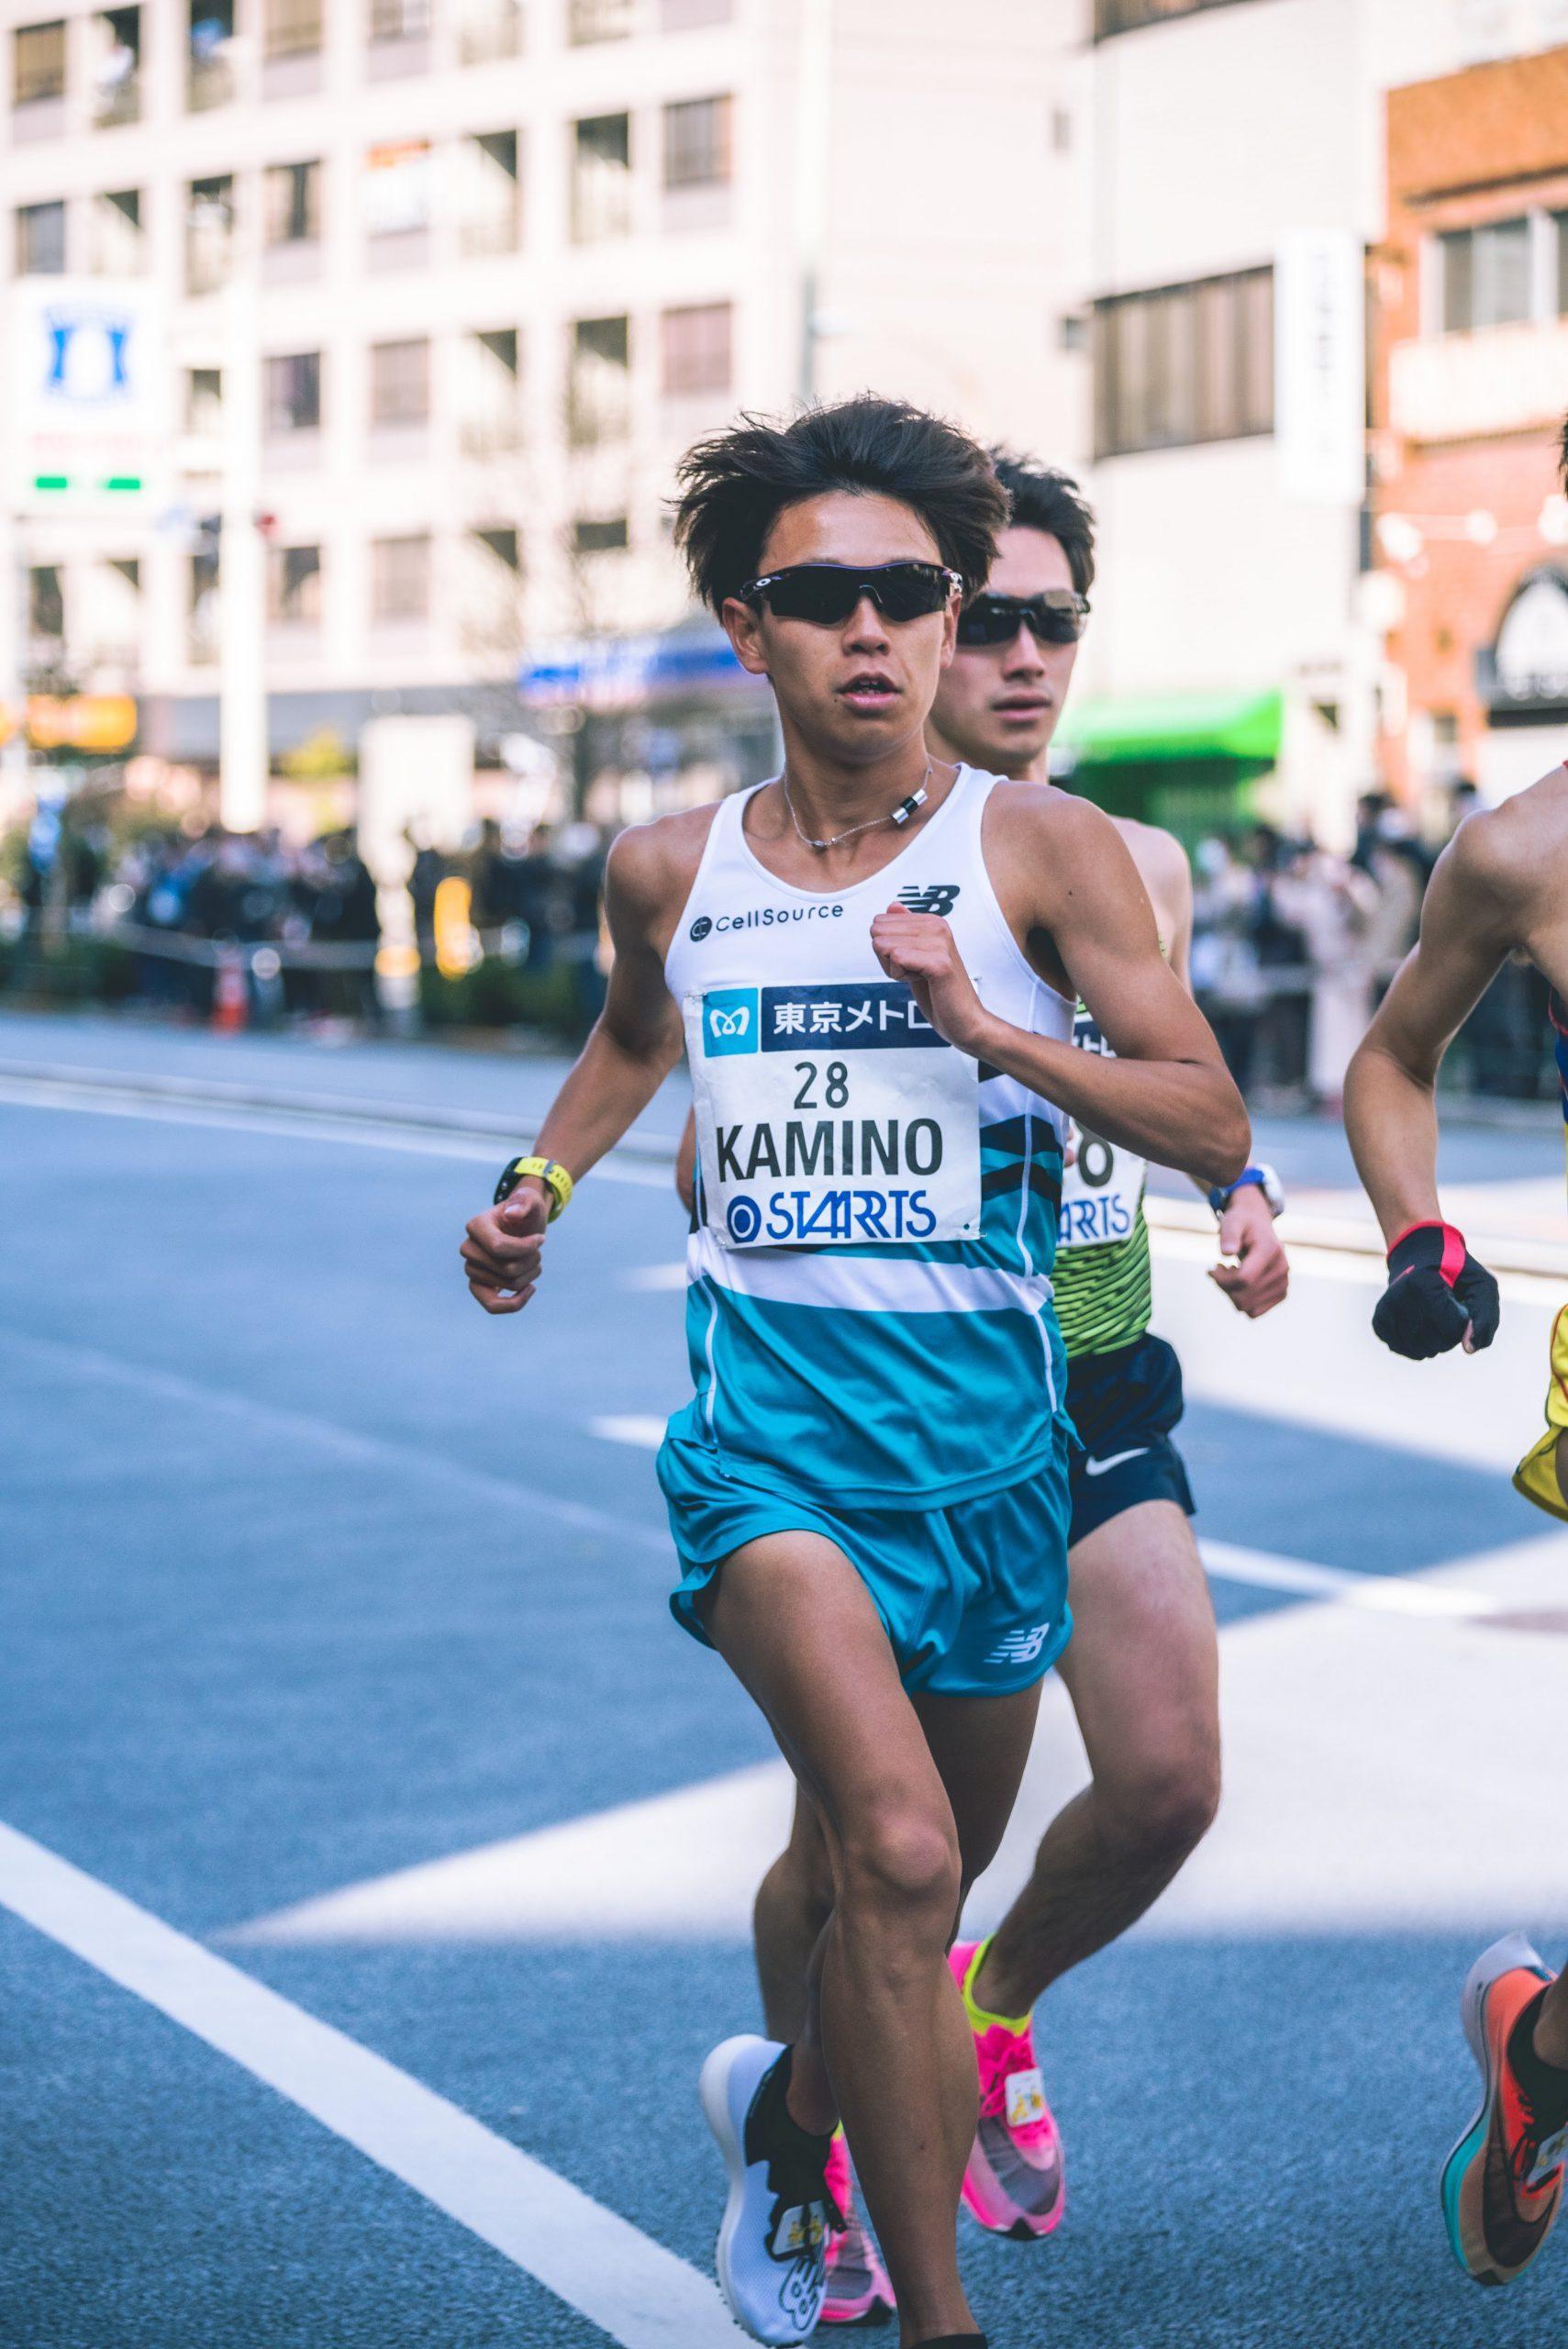 2020.3.1.東京マラソン2020